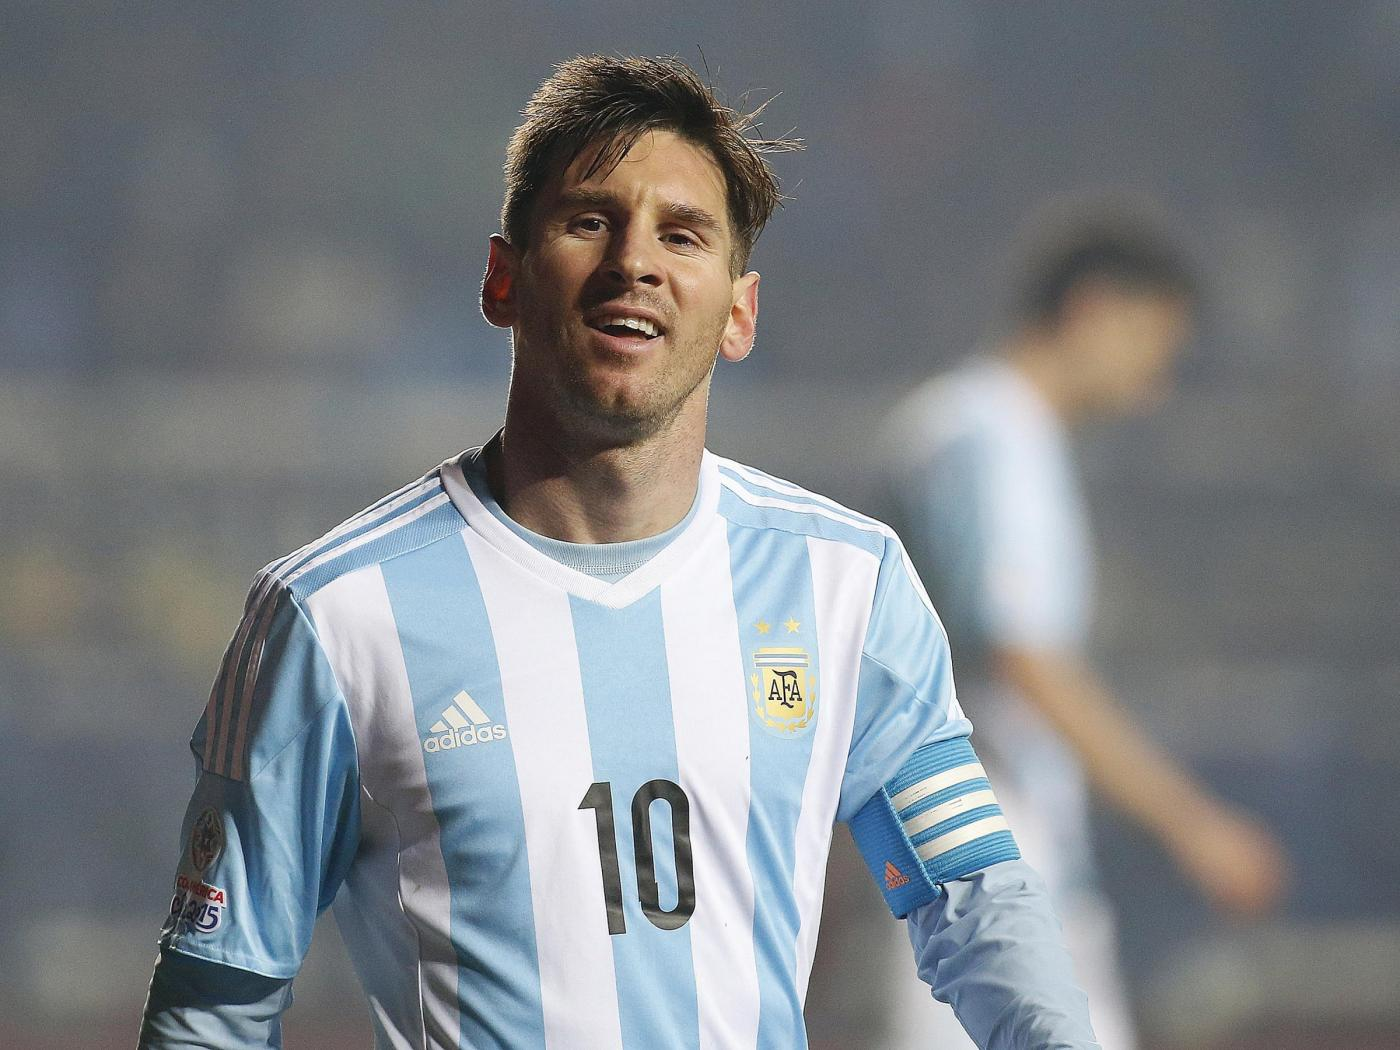 Pronostici Qualificazioni Mondiali martedì 10 ottobre ed Europei Under 21 Messi per salvare Argentina tutte le scommesse scelte dal Blab delle 39 partite in programma oggi